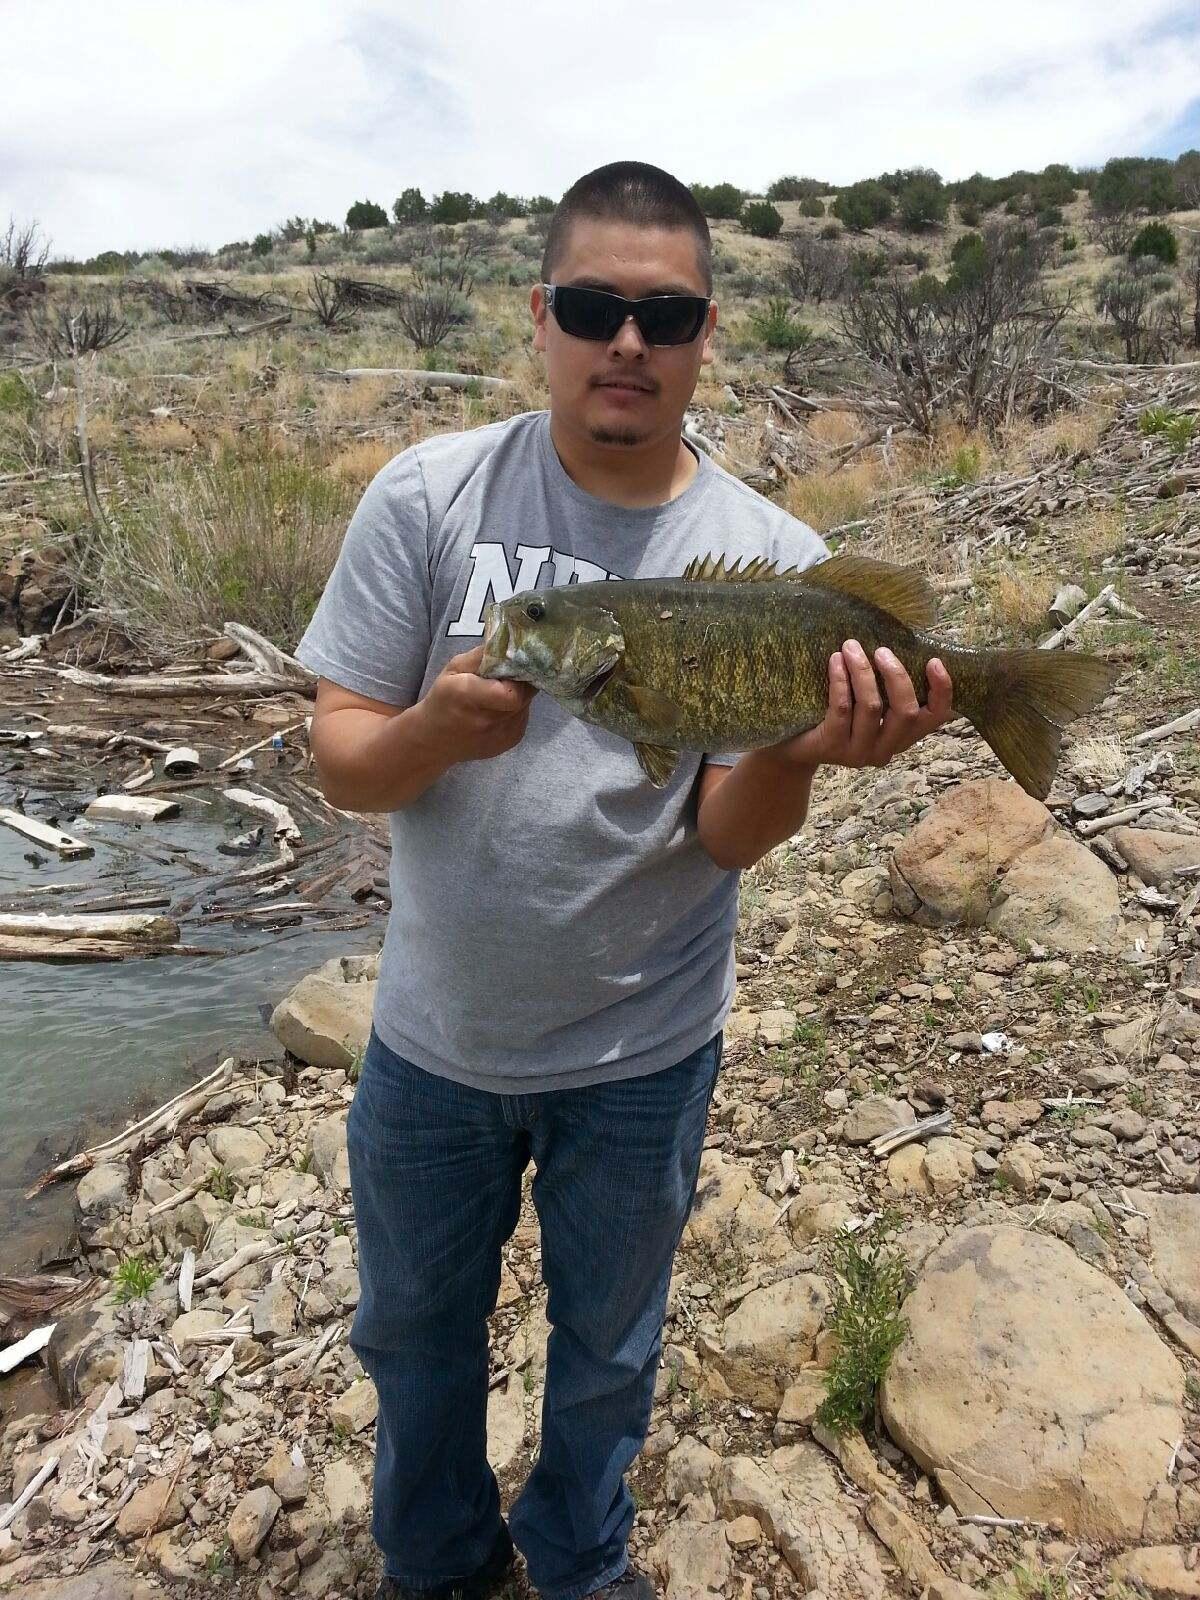 Cochiti lake bass 19 5 inches pounds game fish for Cochiti lake fishing